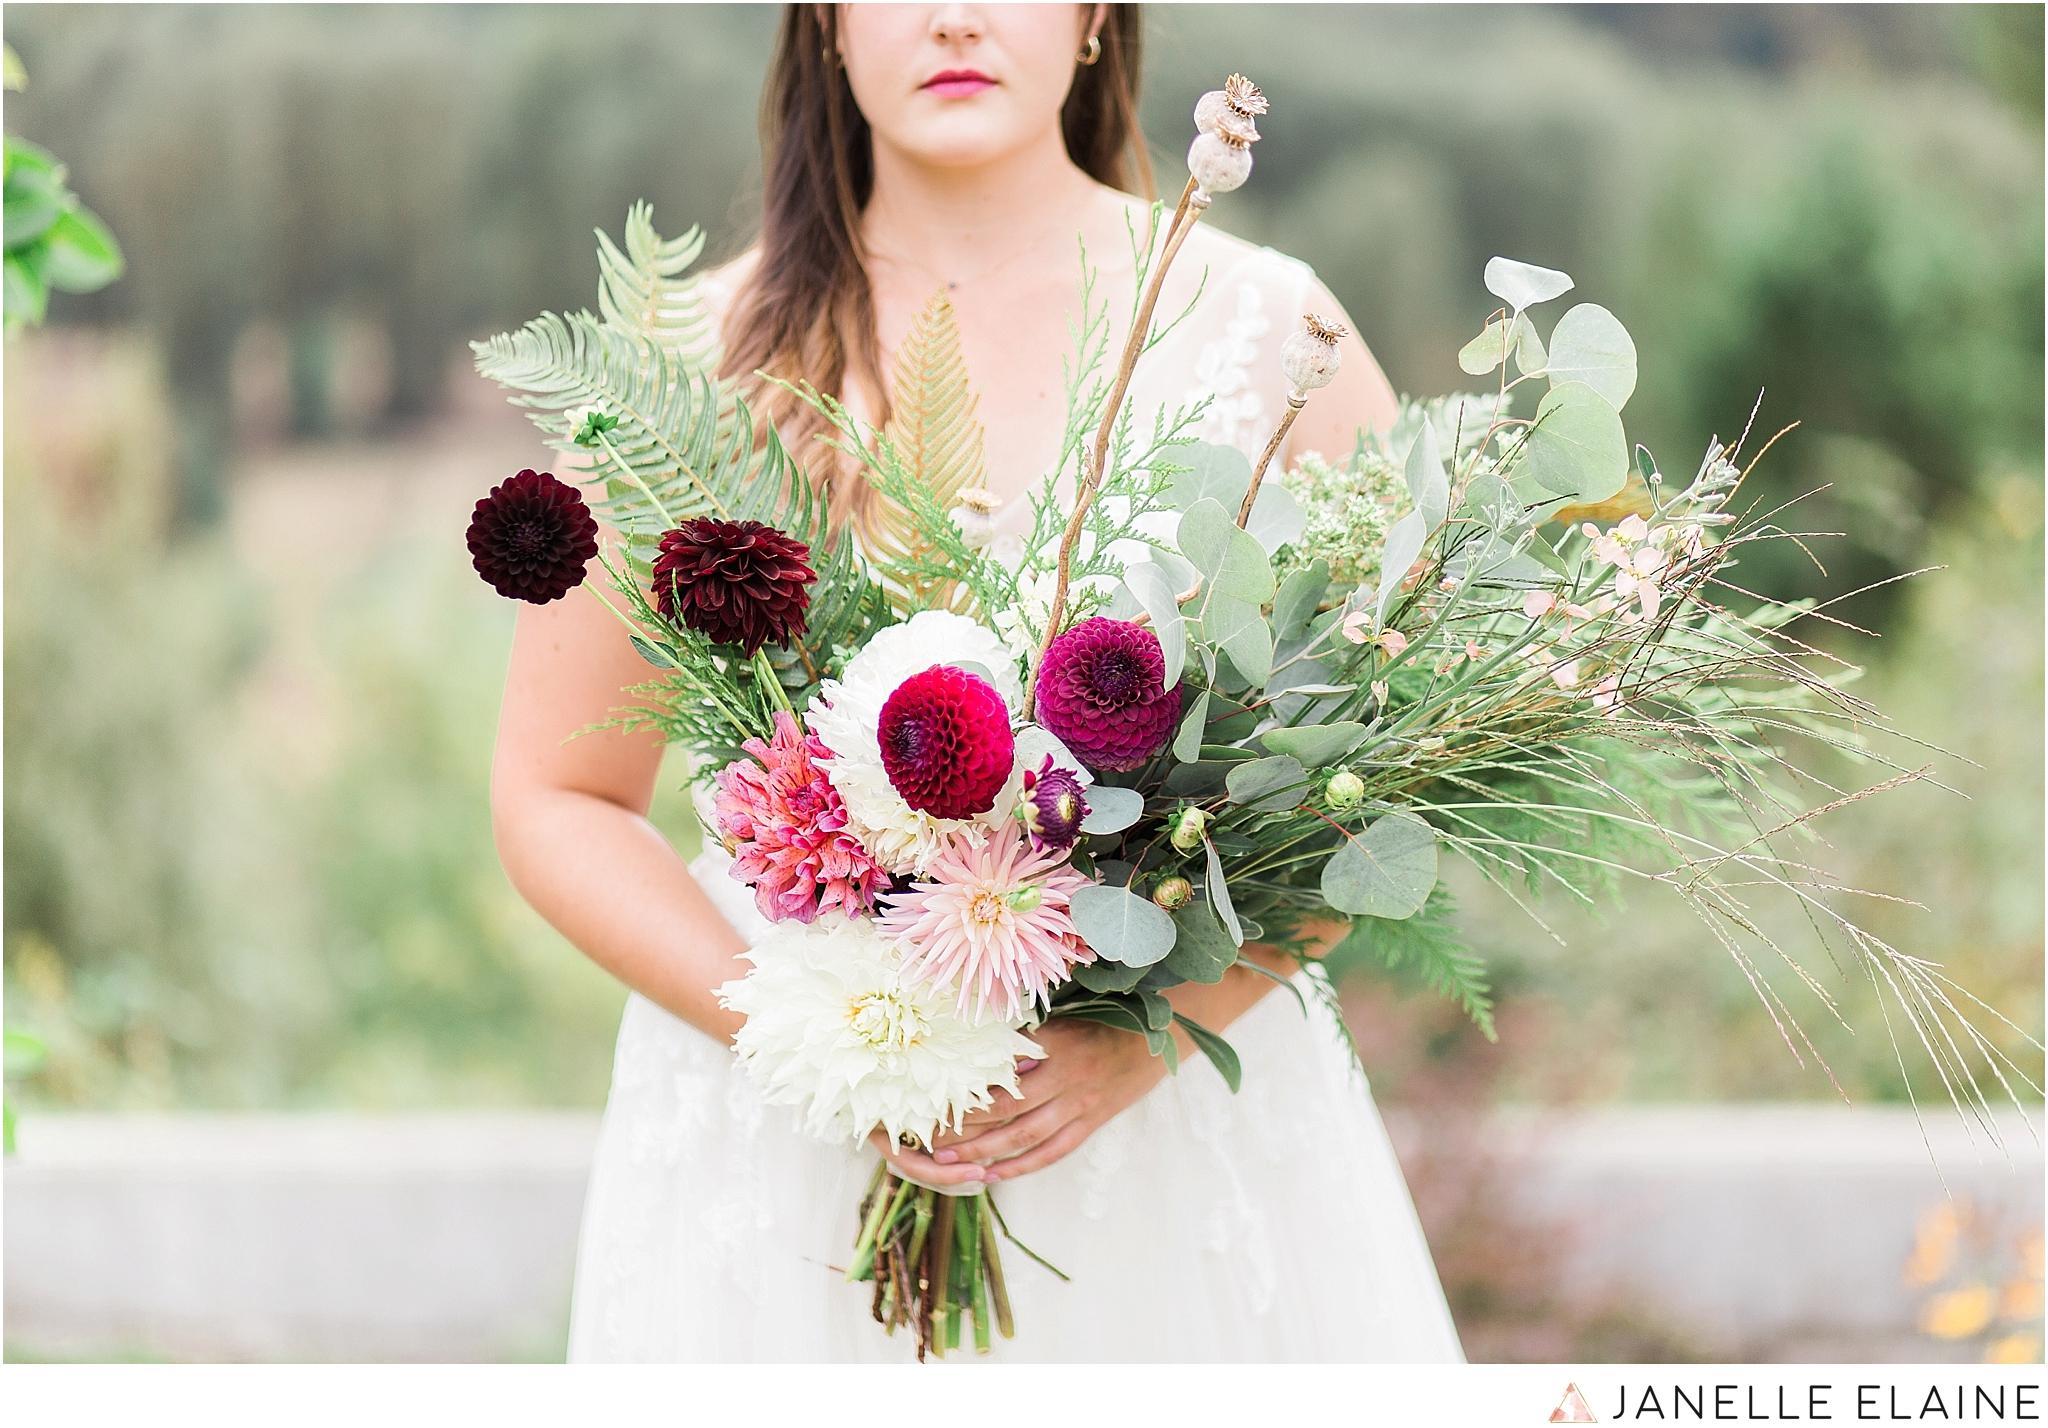 seattle-portrait-engagement-wedding-photographer-janelle-elaine-photography-1-9.jpg